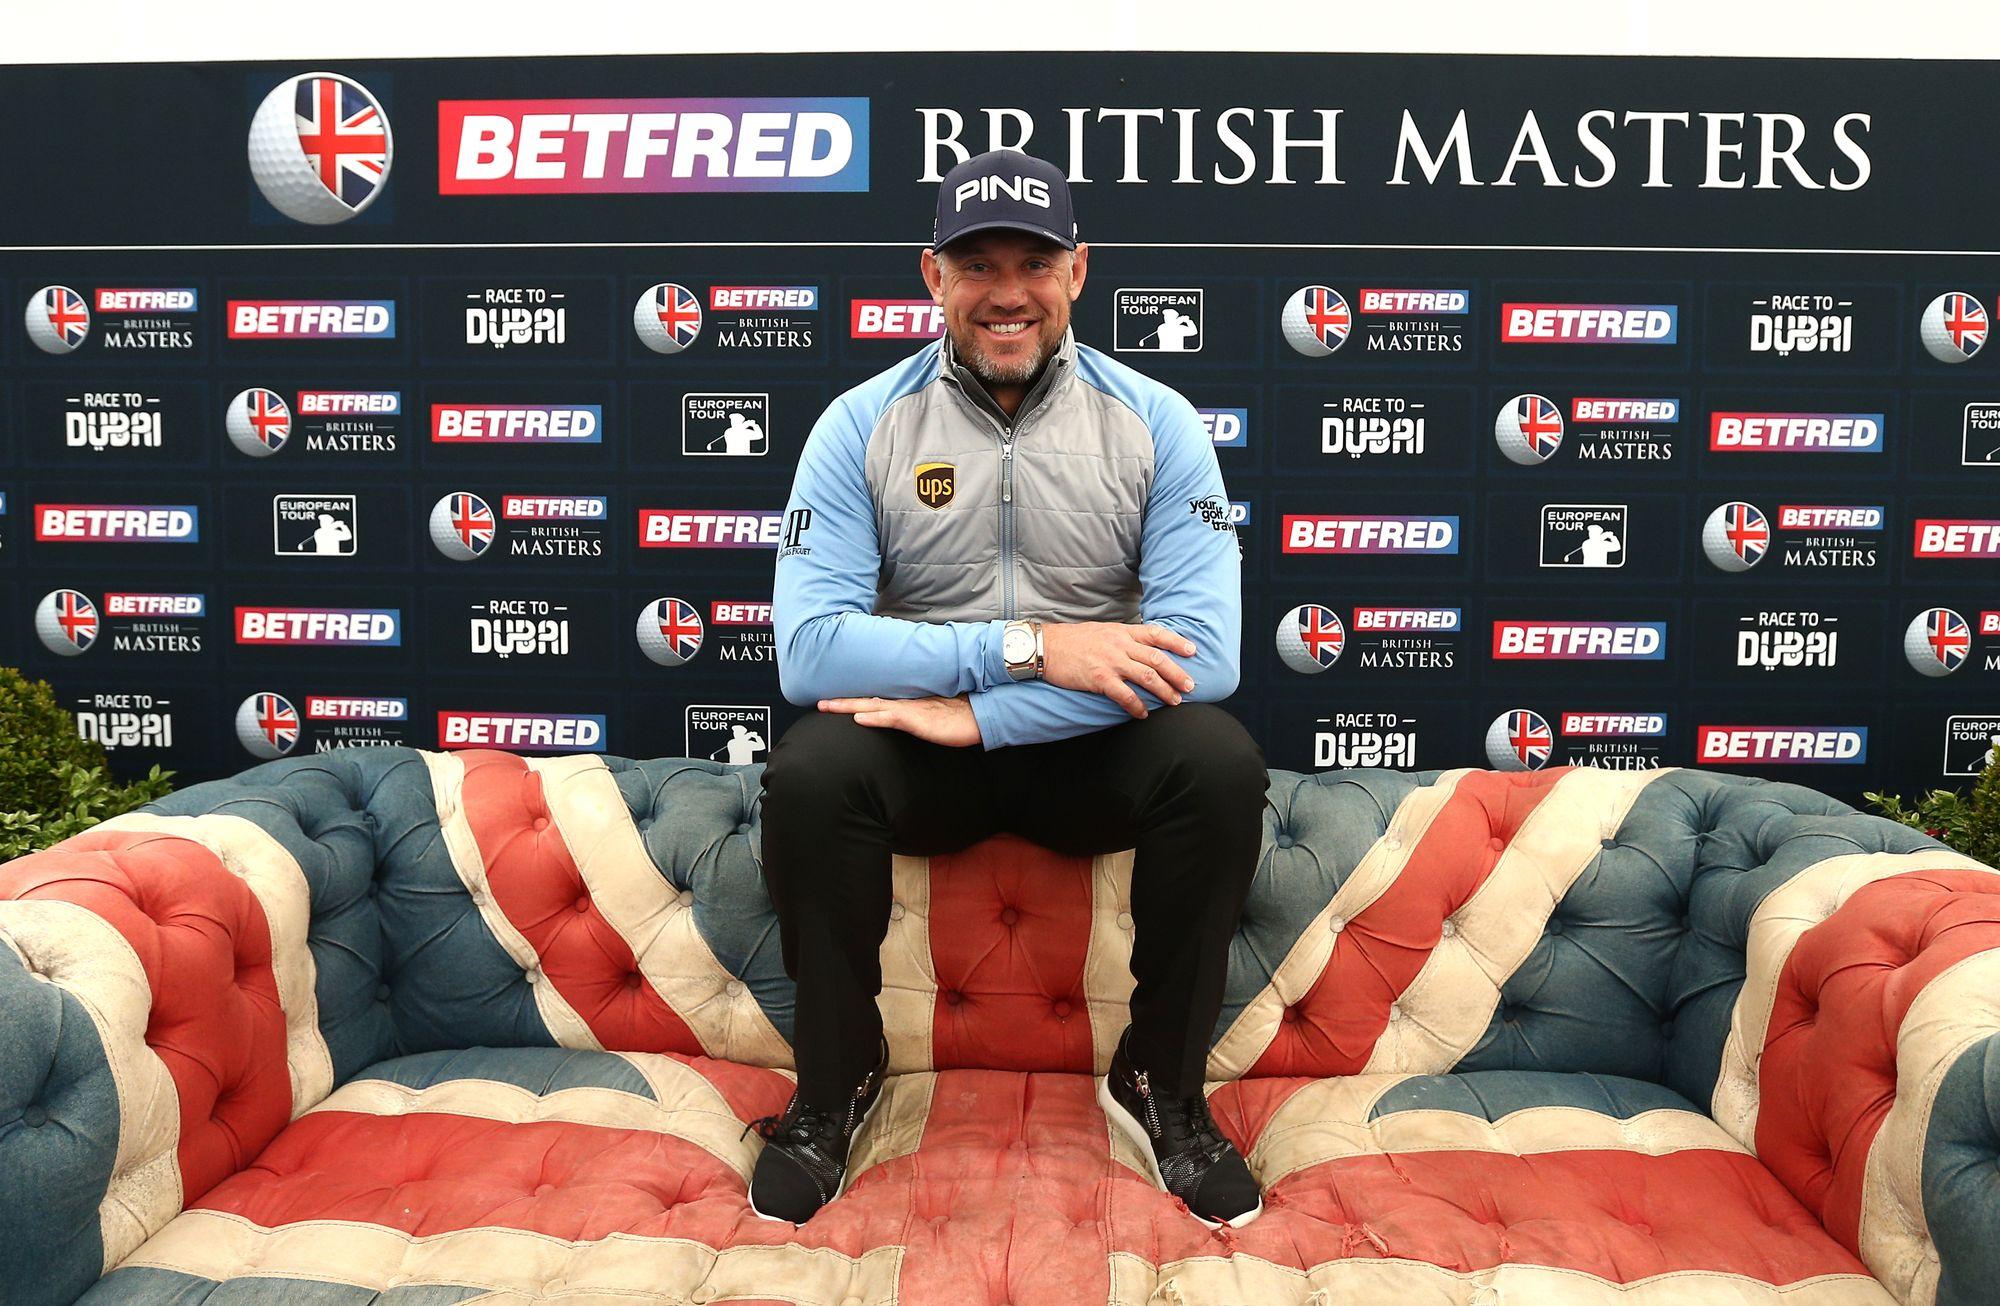 british masters 2020